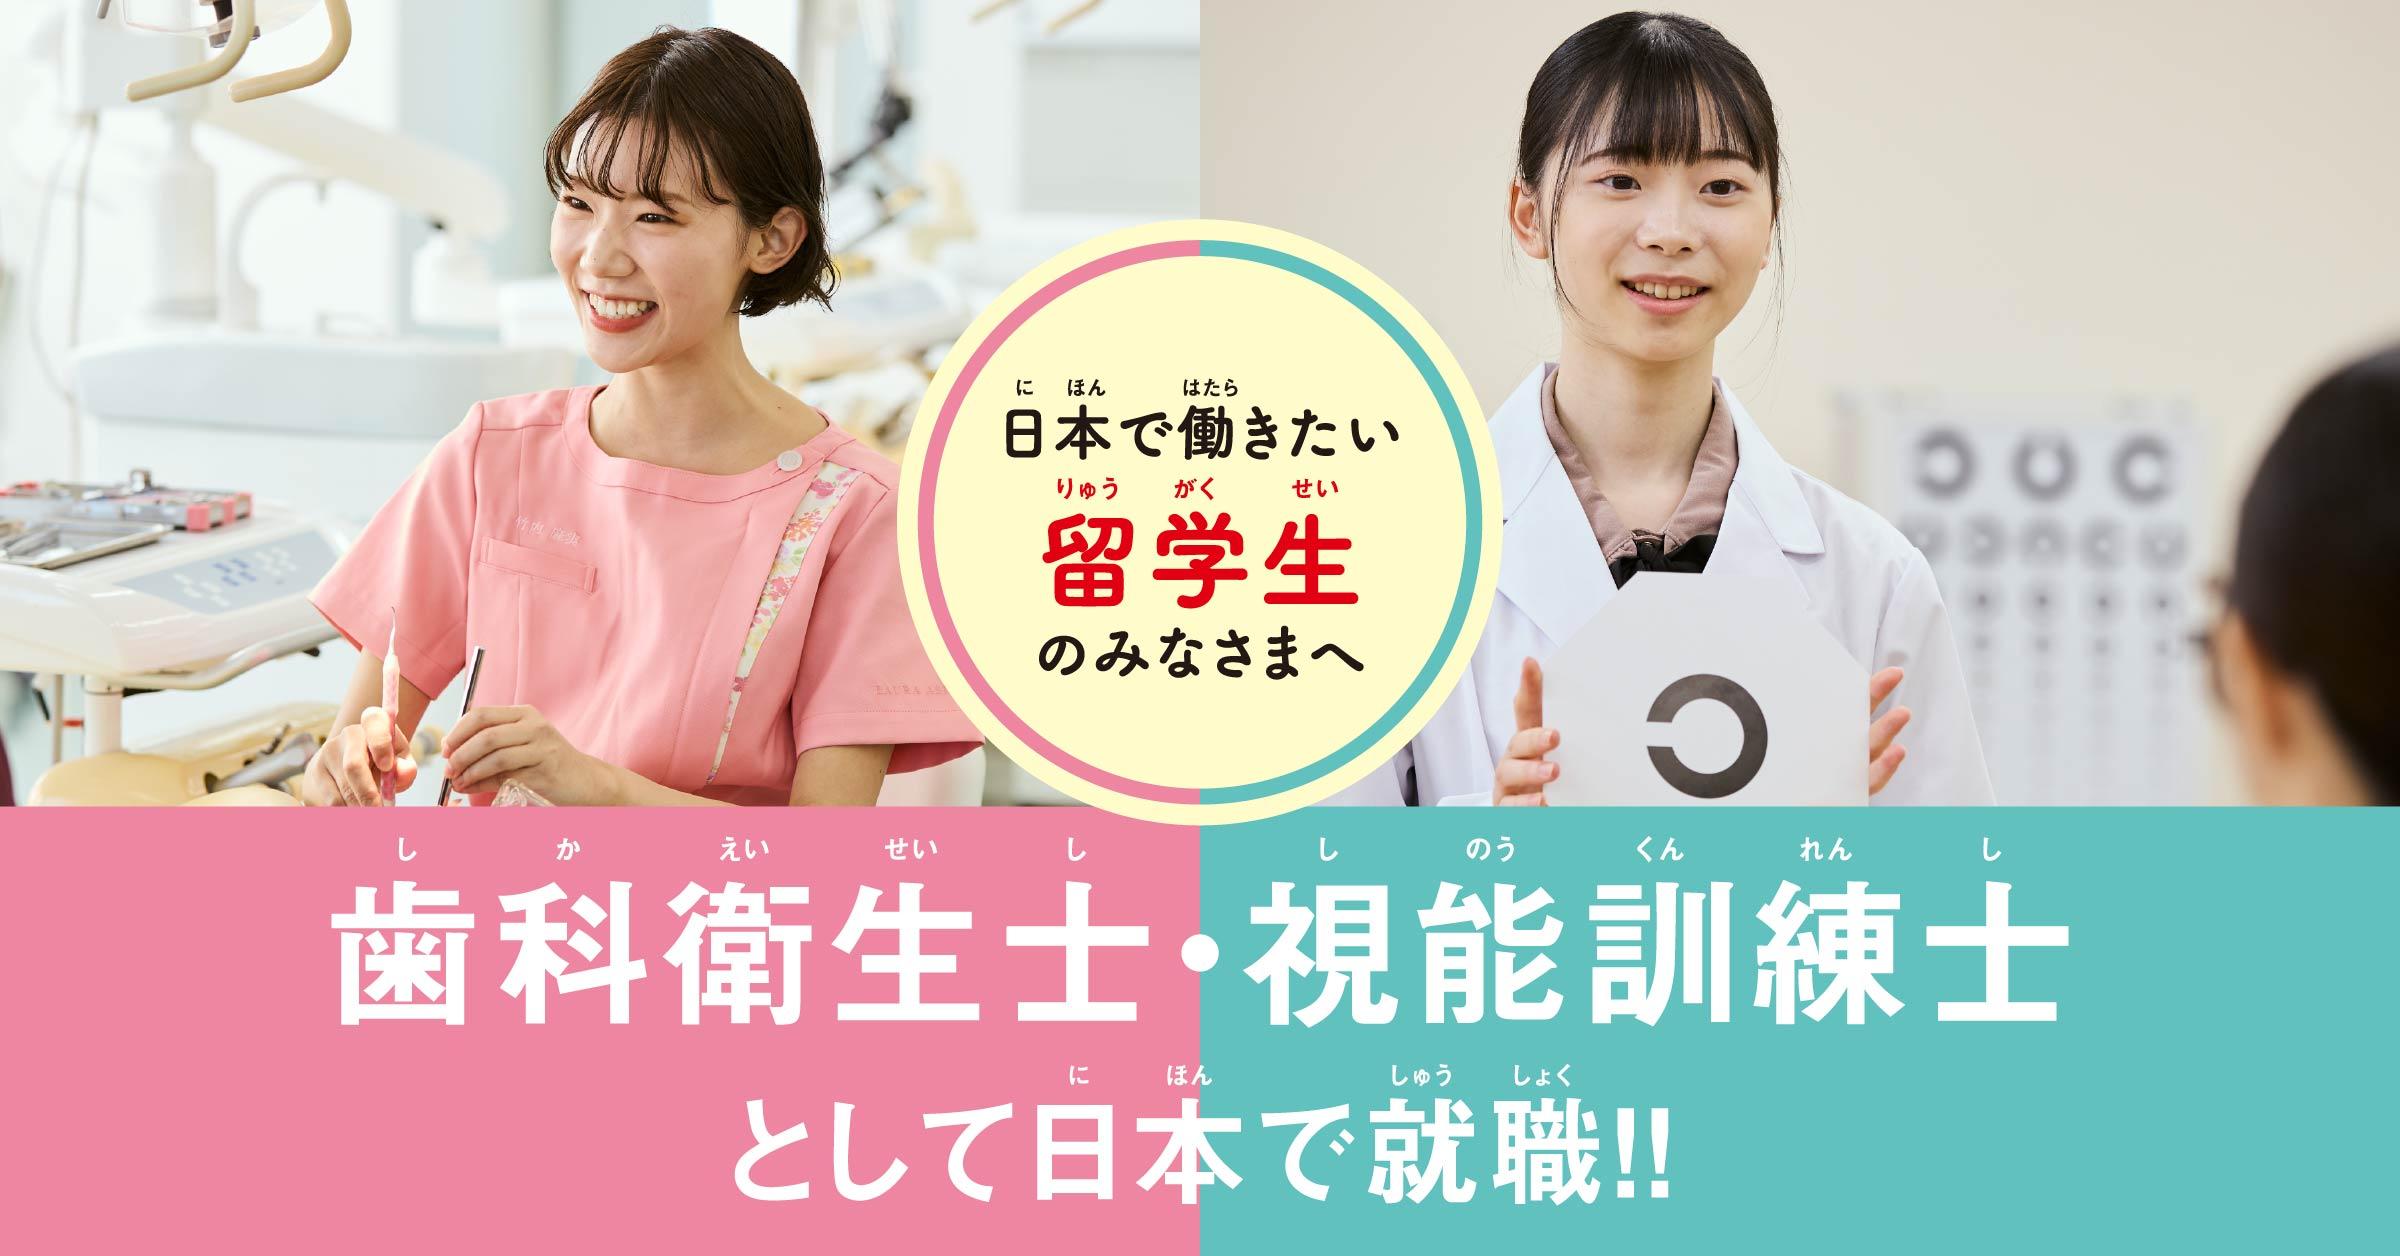 日本で働きたい留学生の皆さまへ